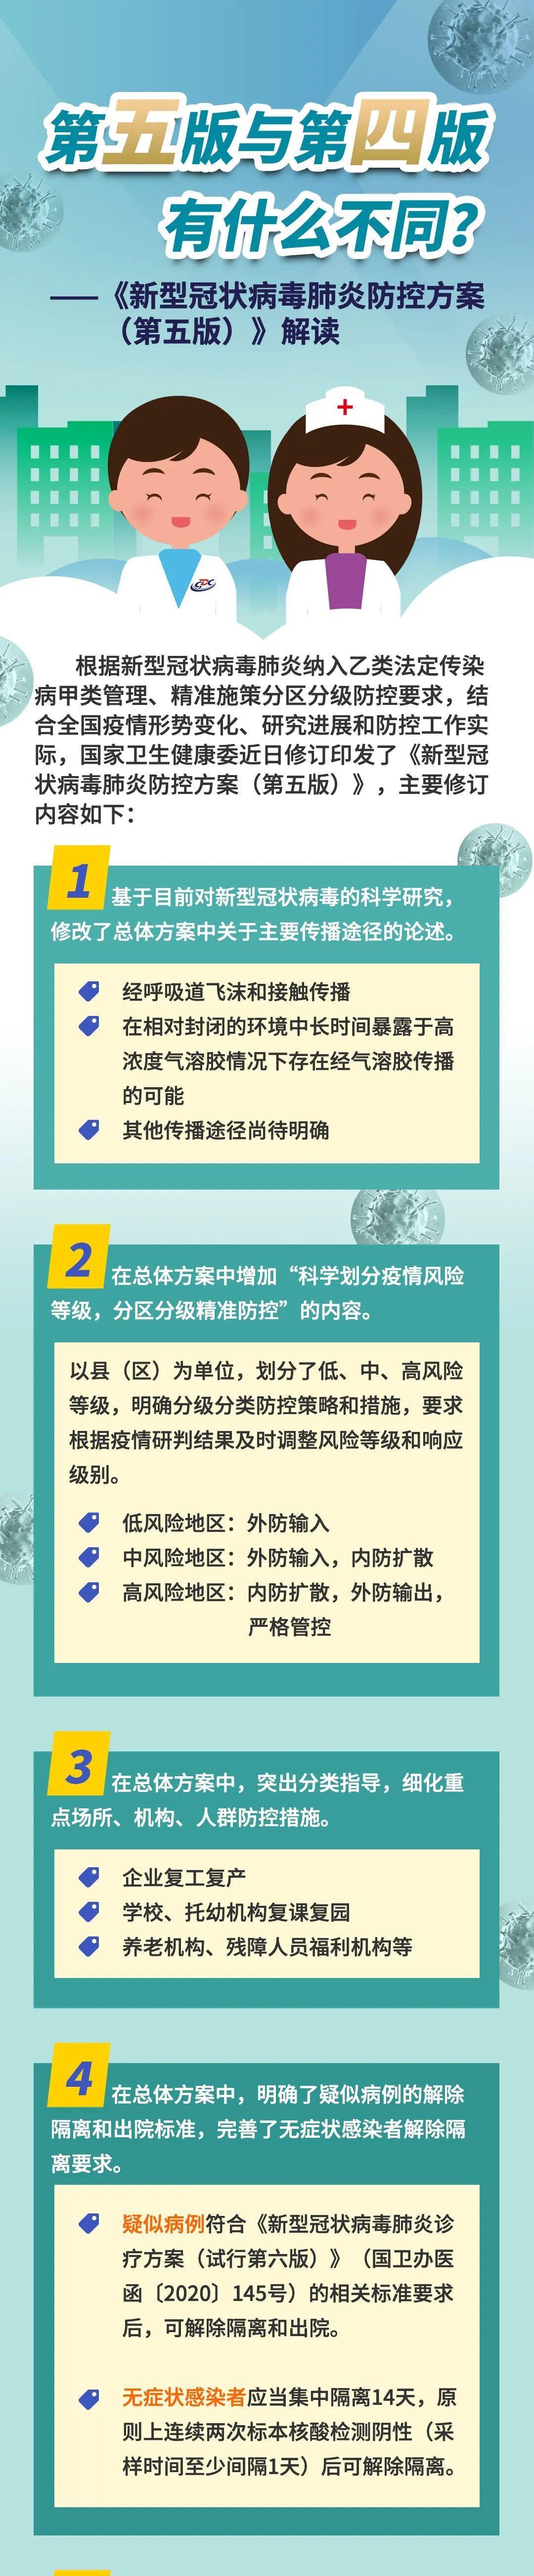 一图读懂:新冠杭州助孕肺炎防控方案第五版的不同之处